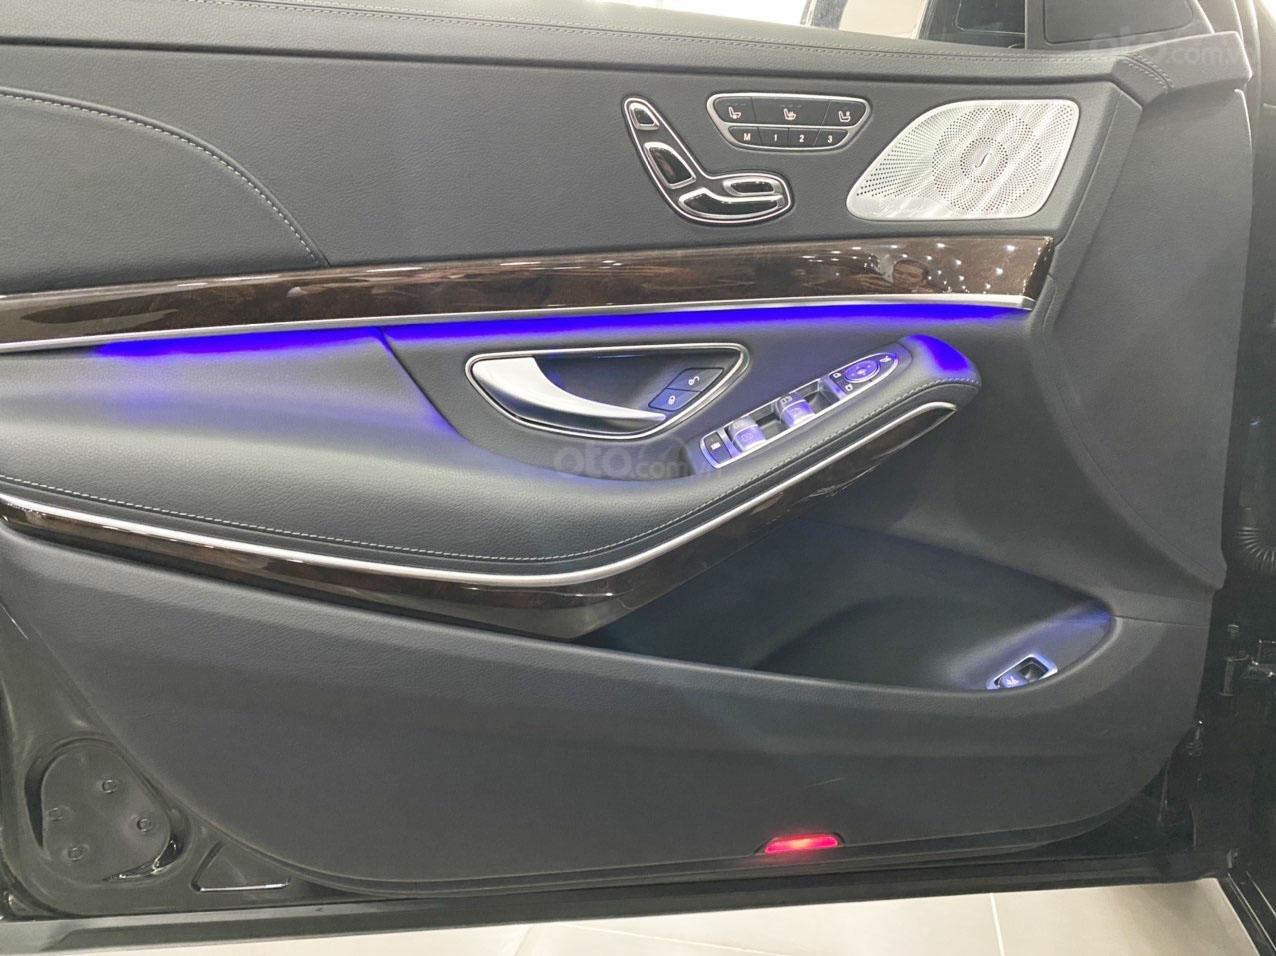 Mercedes S450L Model 2019, giá hót nhất Hà Nội, hỗ trợ tài chính 70%, giao xe ngay (6)